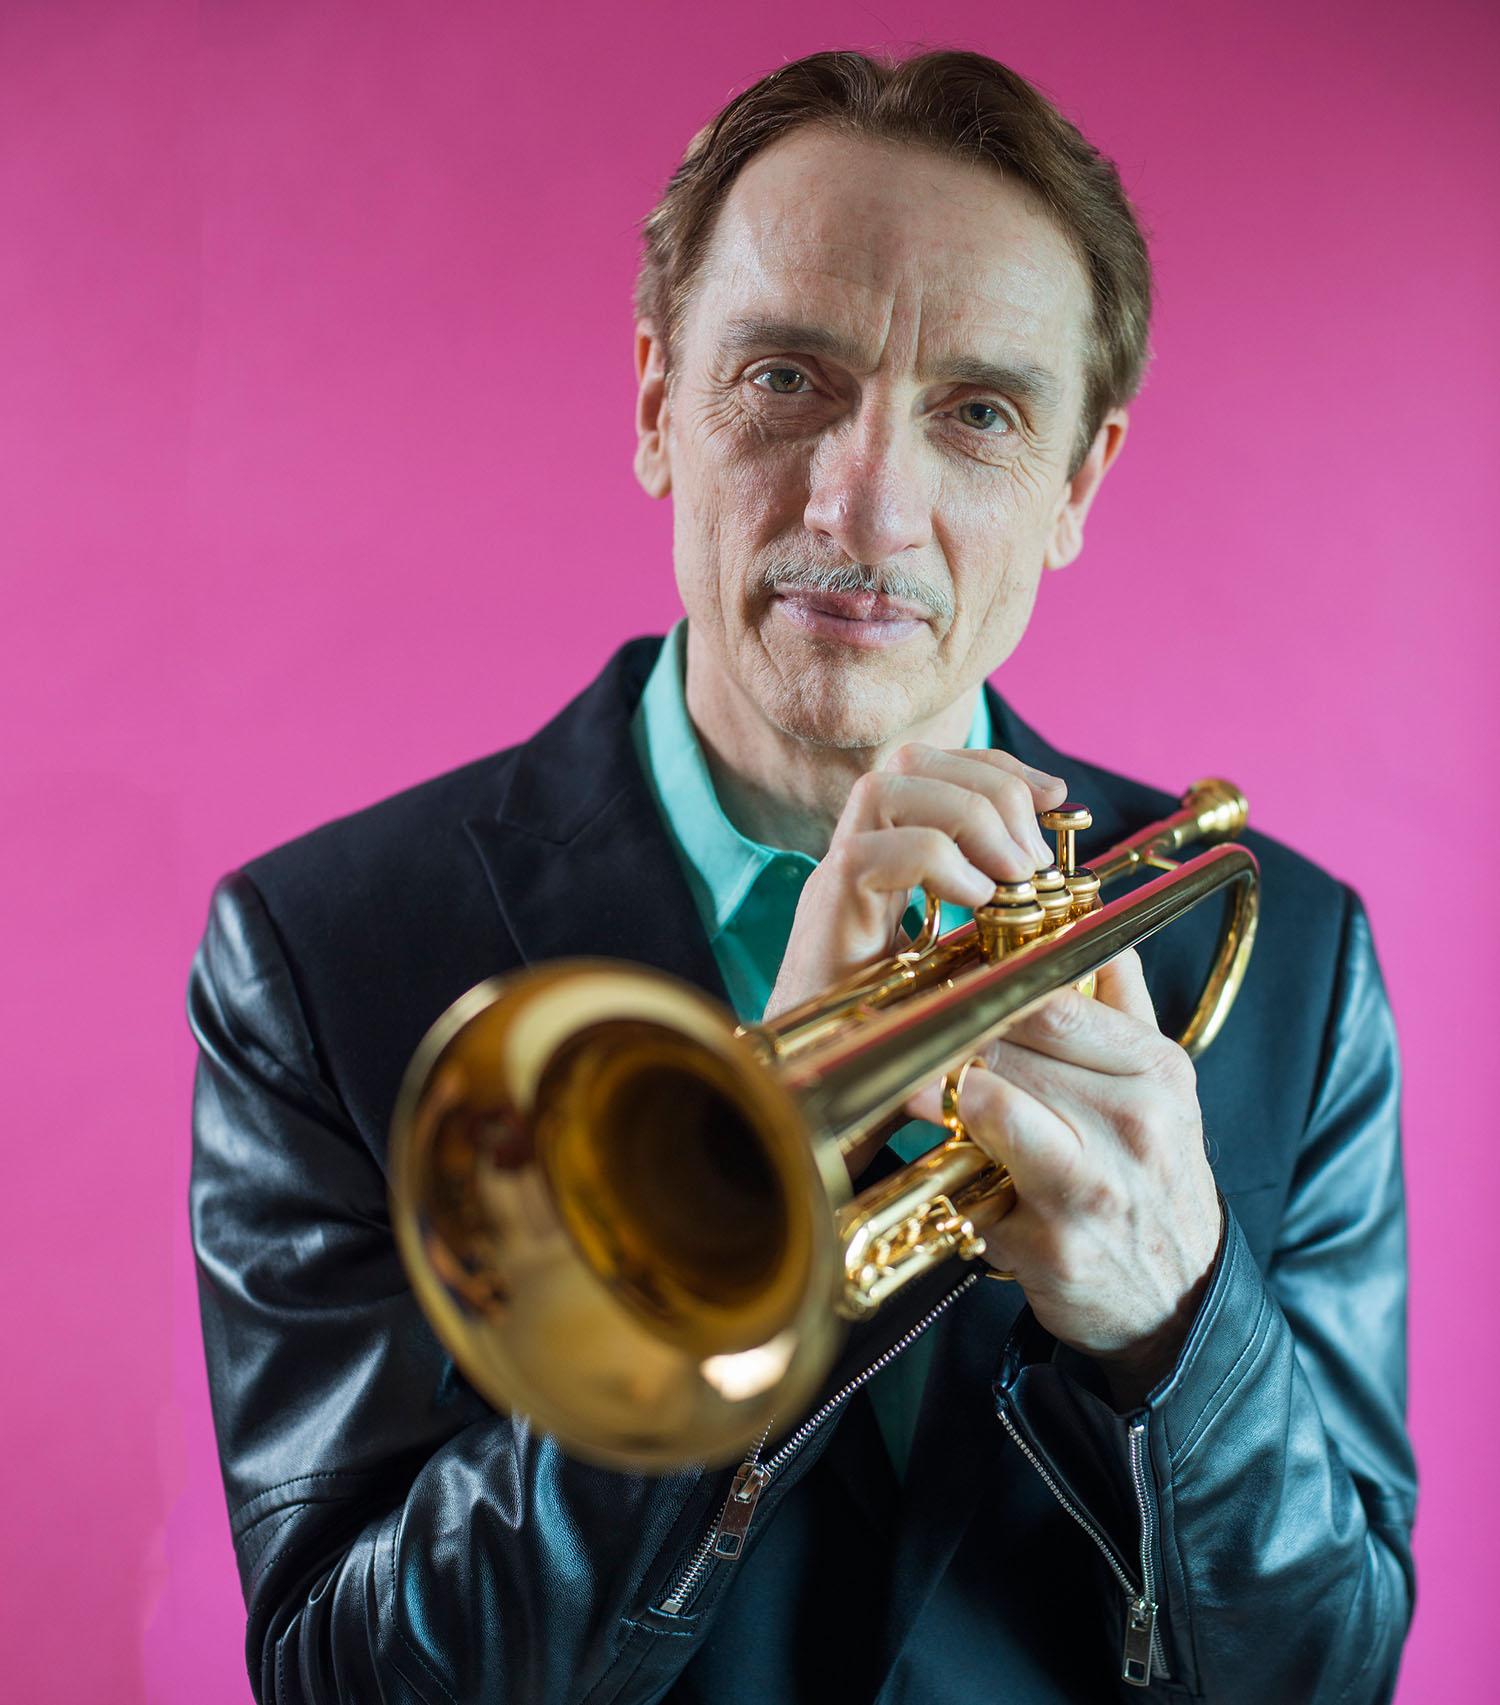 TrumpetScout_Fragen an Allen Vizzutti_2